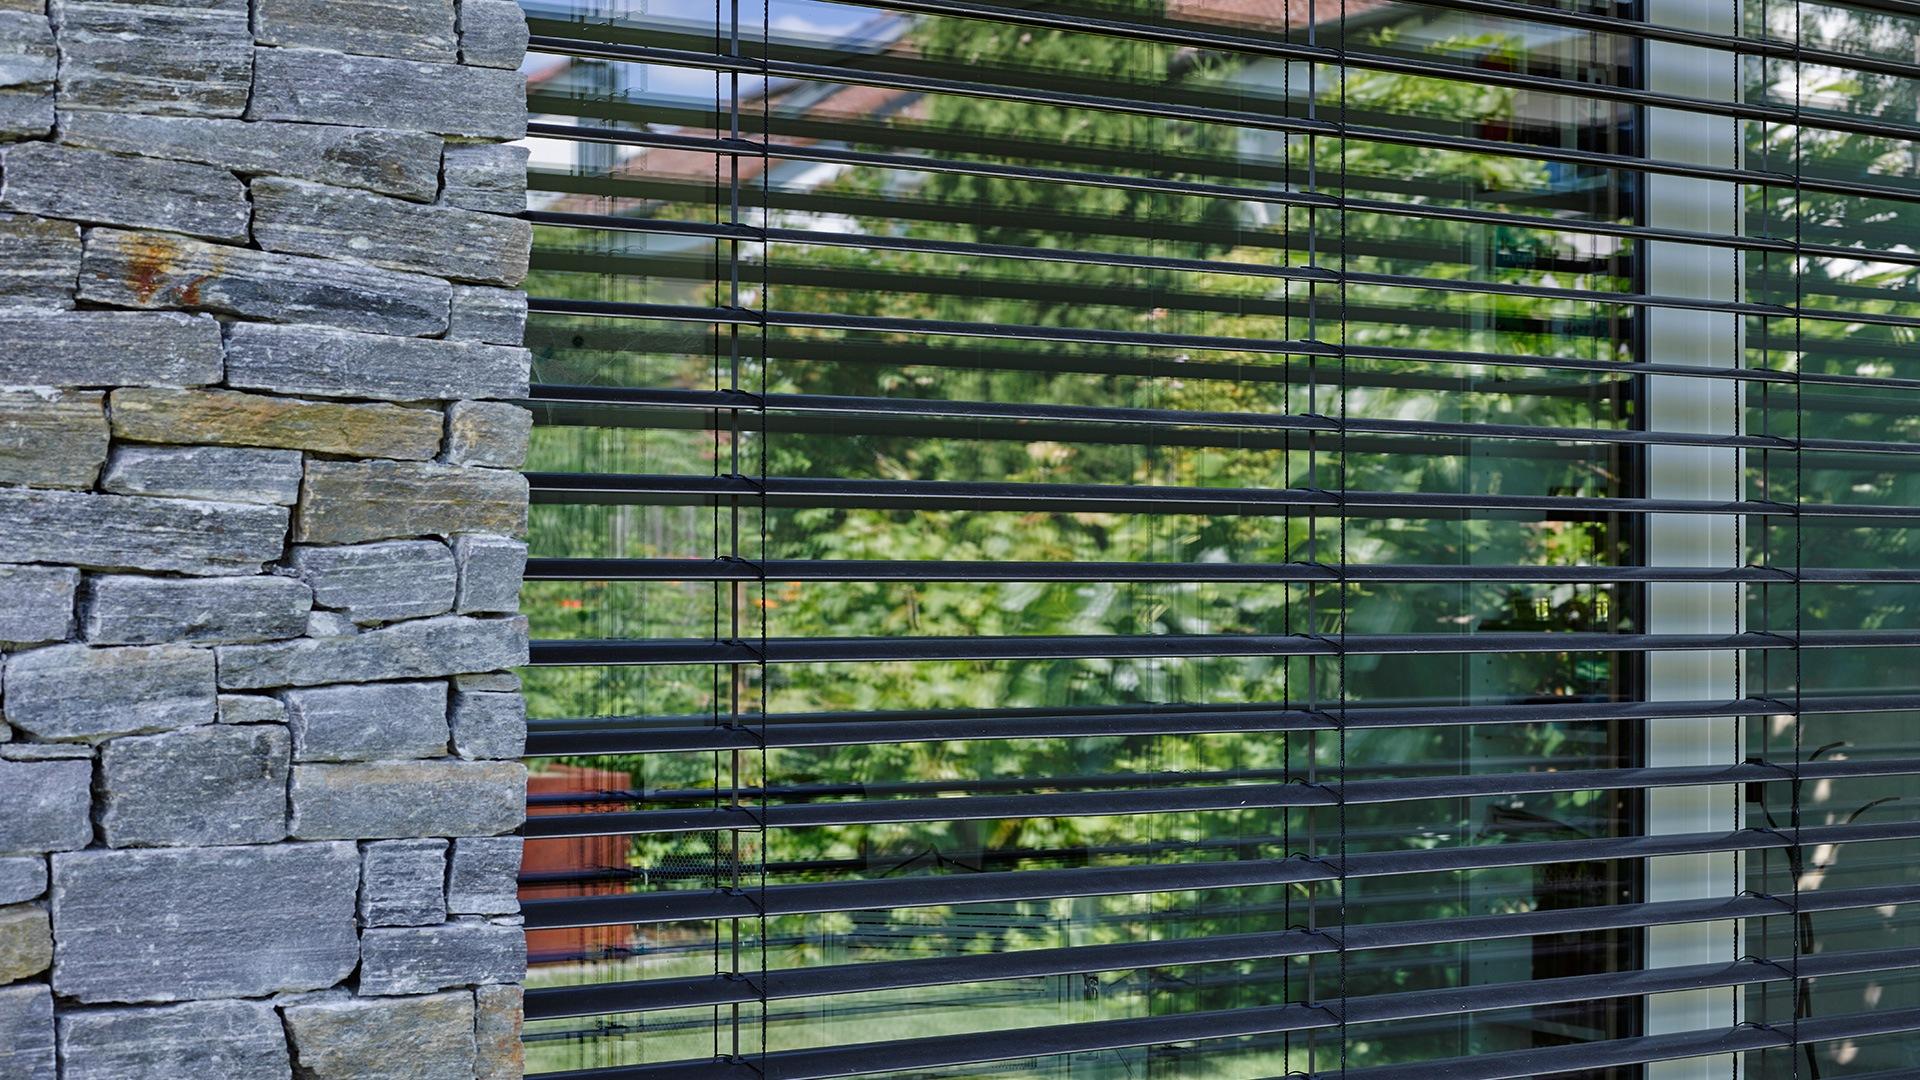 zanker raffstore 05 - Sonnenschutz für Fenster und Fassade